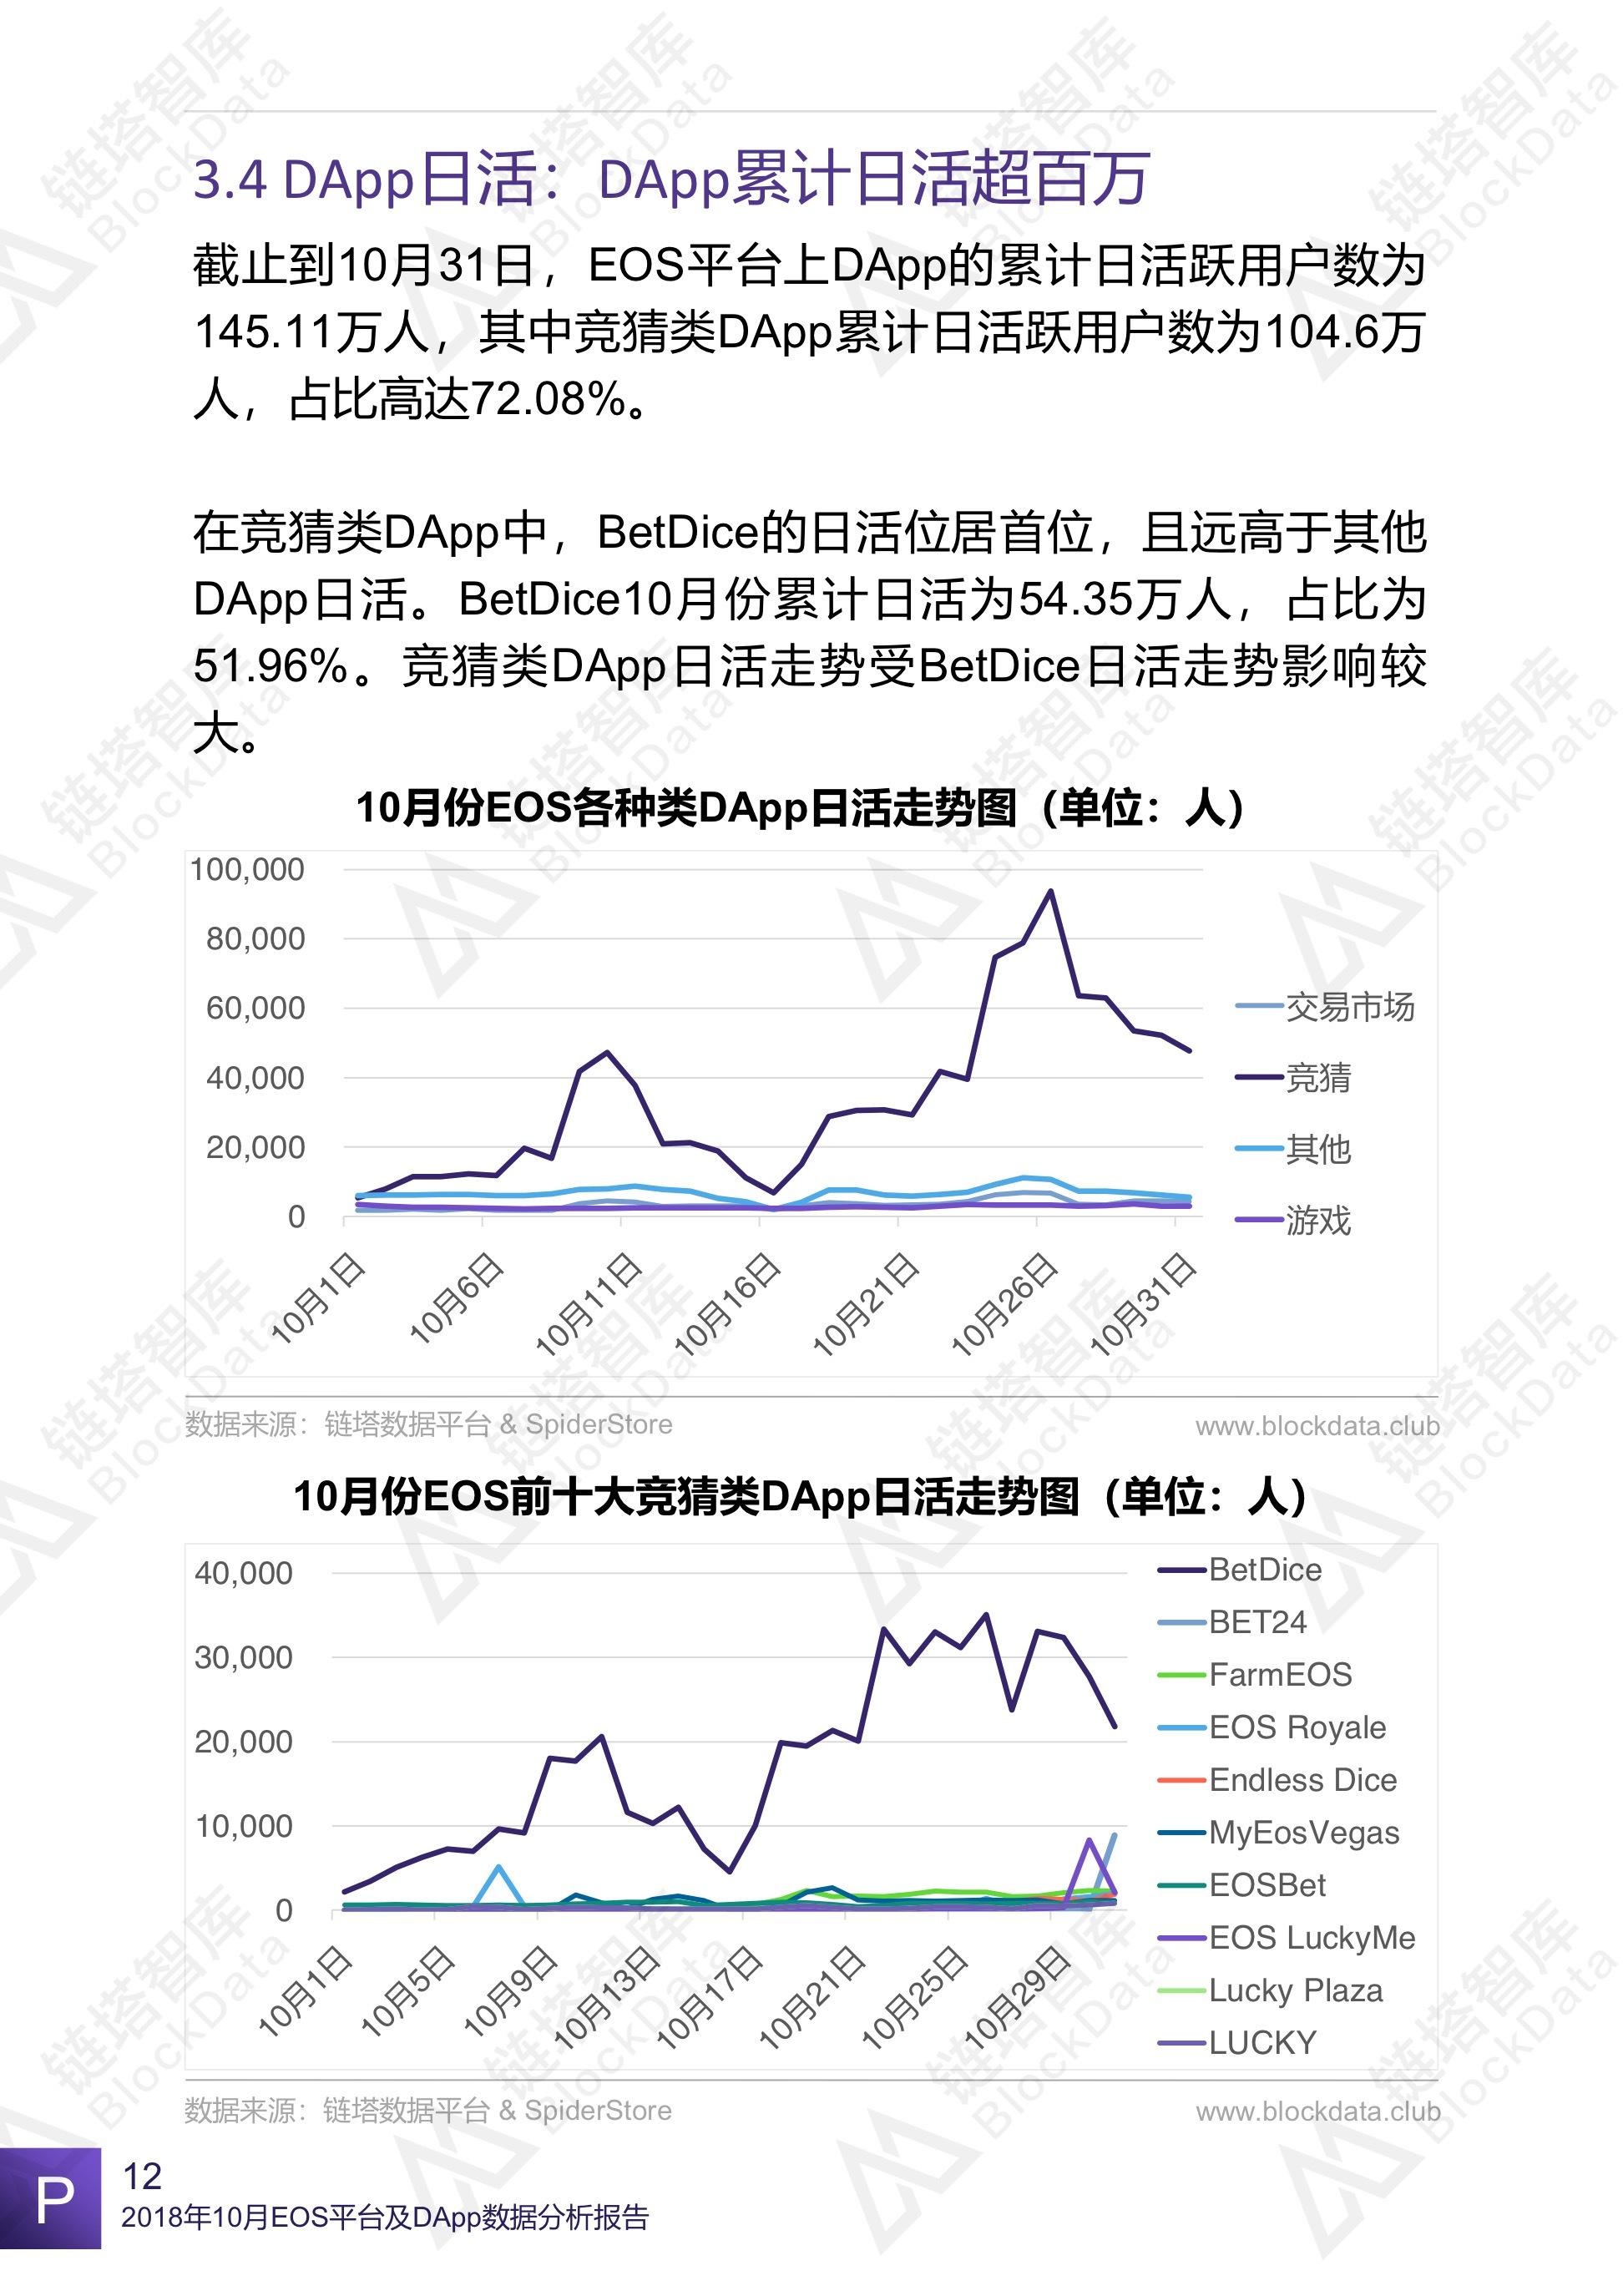 10月EOS DApp数据报告:平台活性增加 、竞猜DApp占绝对优势